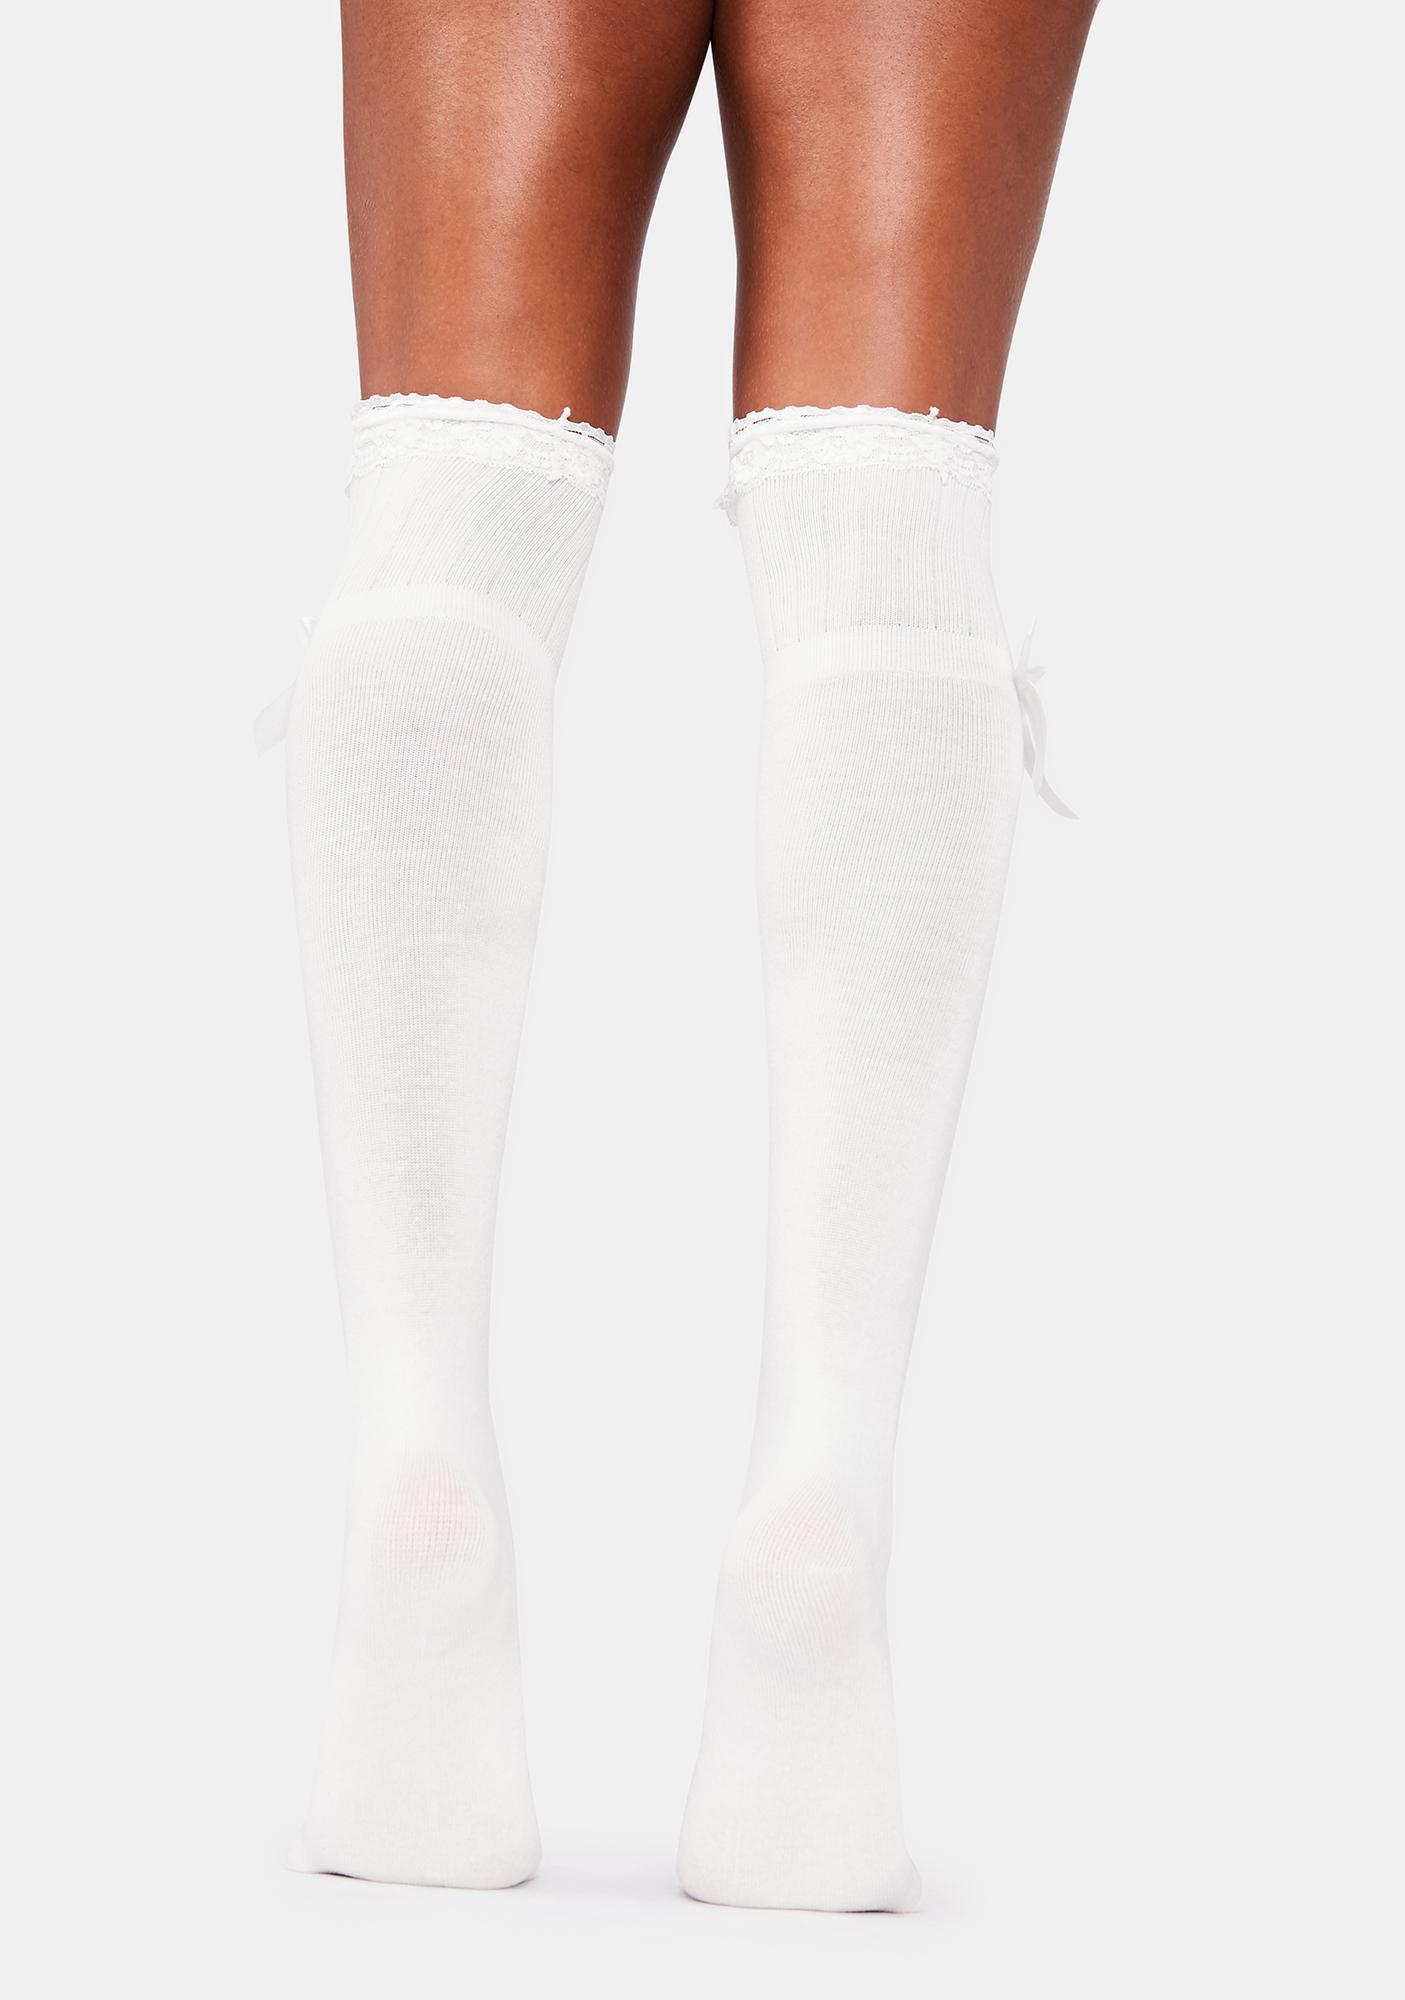 Little Miss Moody Over The Knee Socks